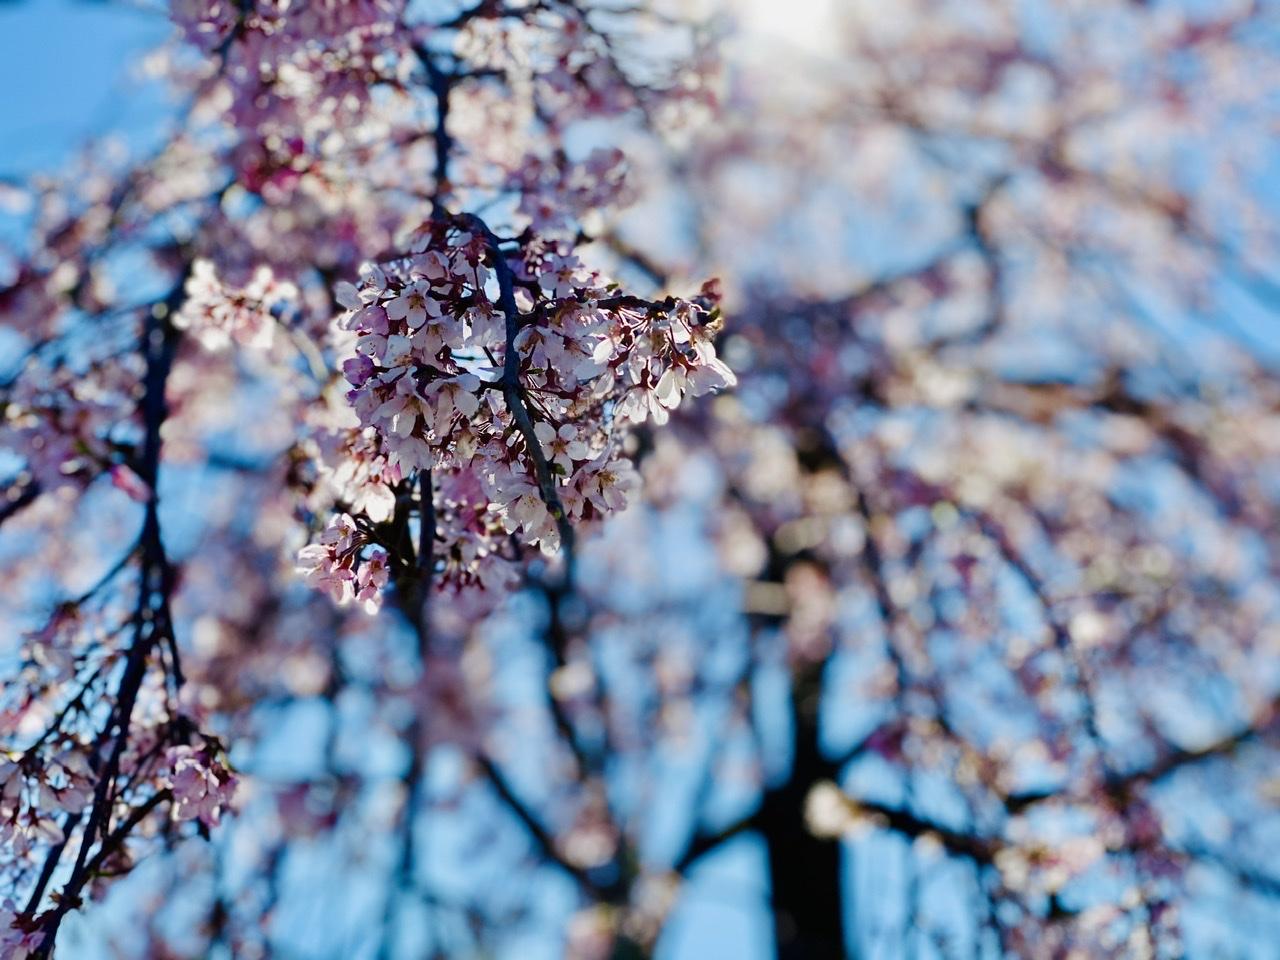 【隅田公園】お花見絶景スポット発見!《桜×東京スカイツリー》のコラボが映え度抜群♡_6